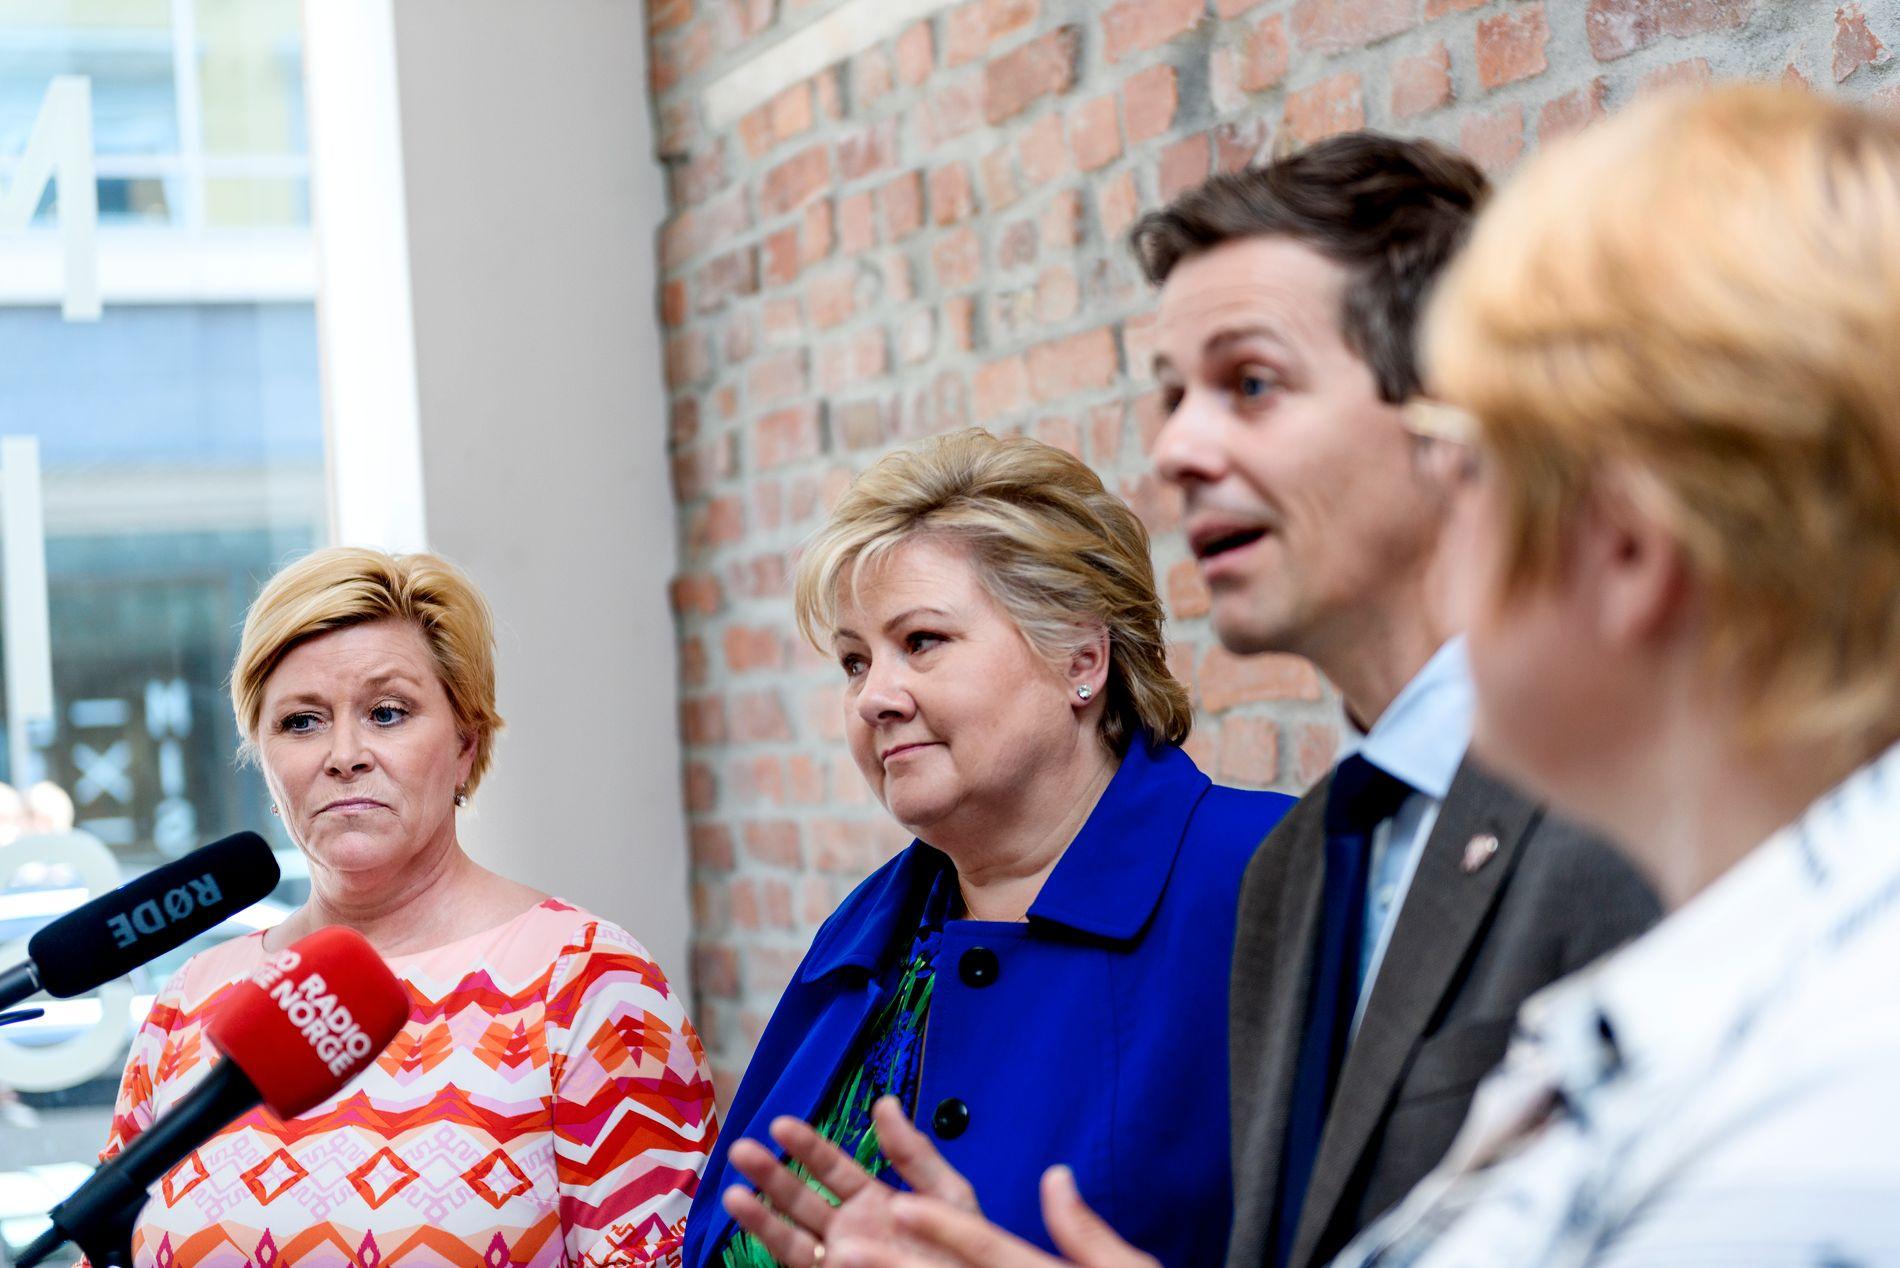 SAMARBEIDSPARTNERNE:  Frp-leder Siv Jensen, statsminister og Høyre-lederErna Solberg, KrF-leder Knut Arild Hareide og Venstre-leder Trine Skei Grande på pressekonferanse om jobber i Oslo.